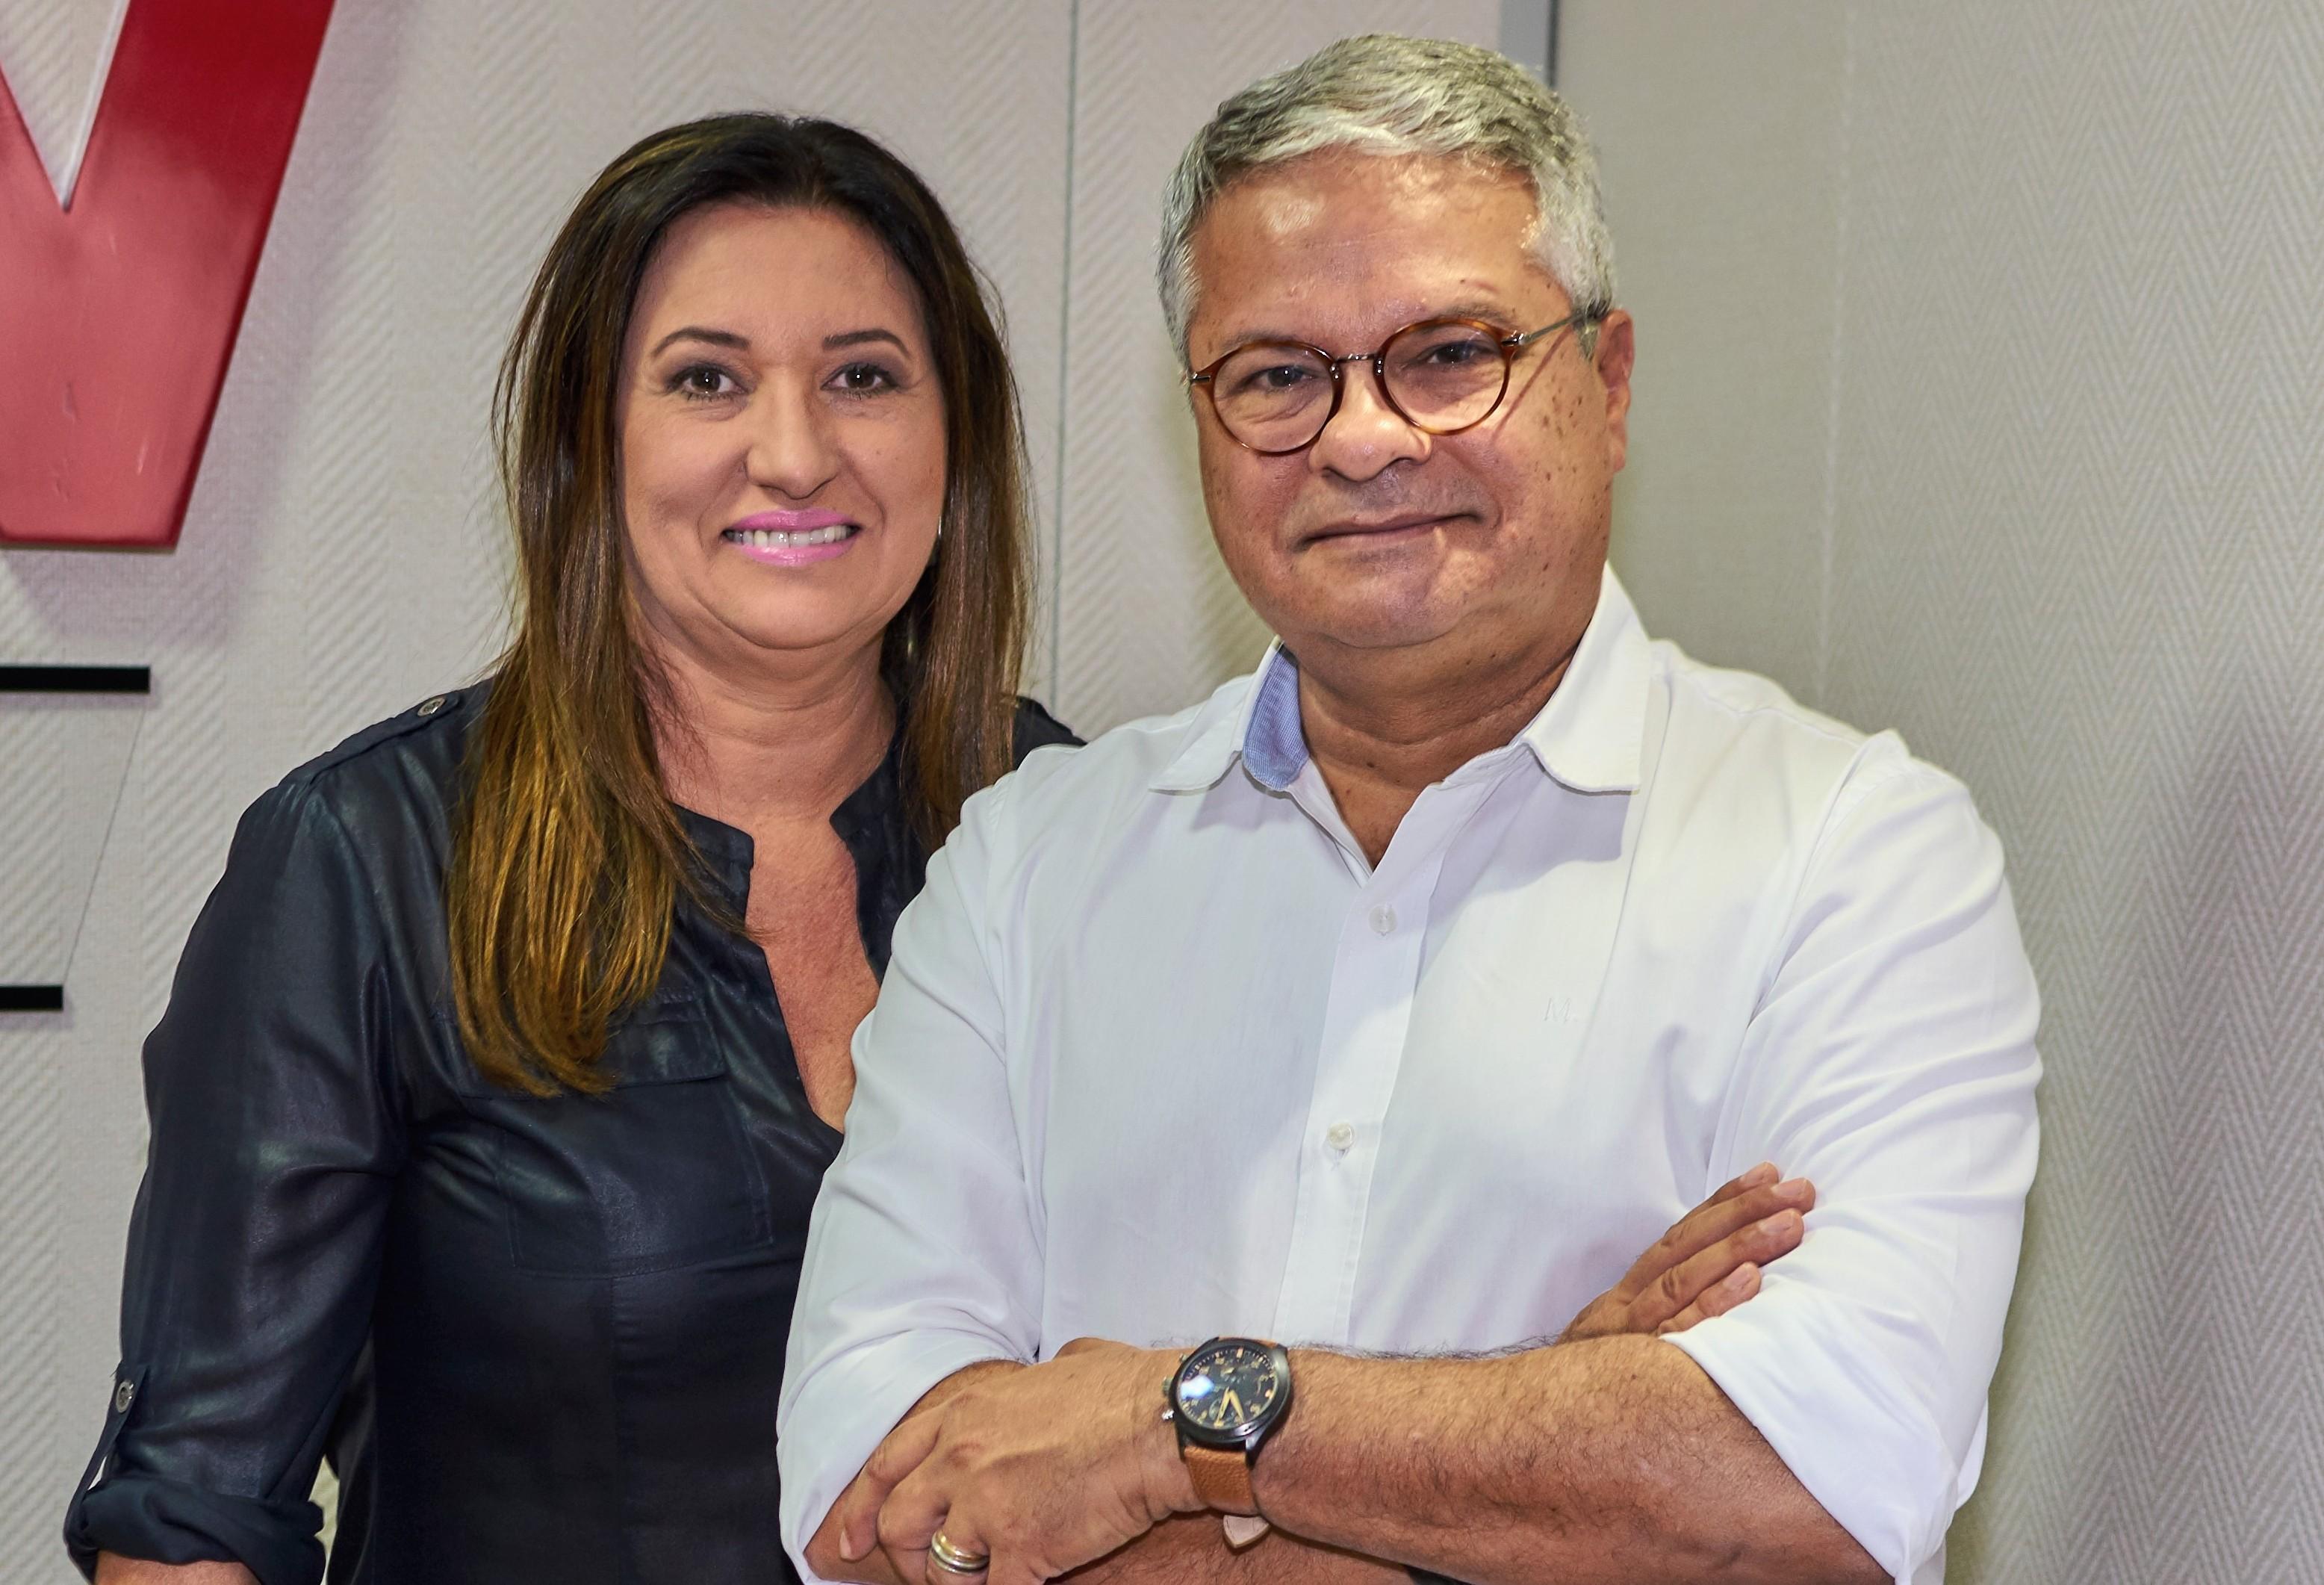 Faturamento das indústrias de máquinas agrícolas cresceu no Brasil